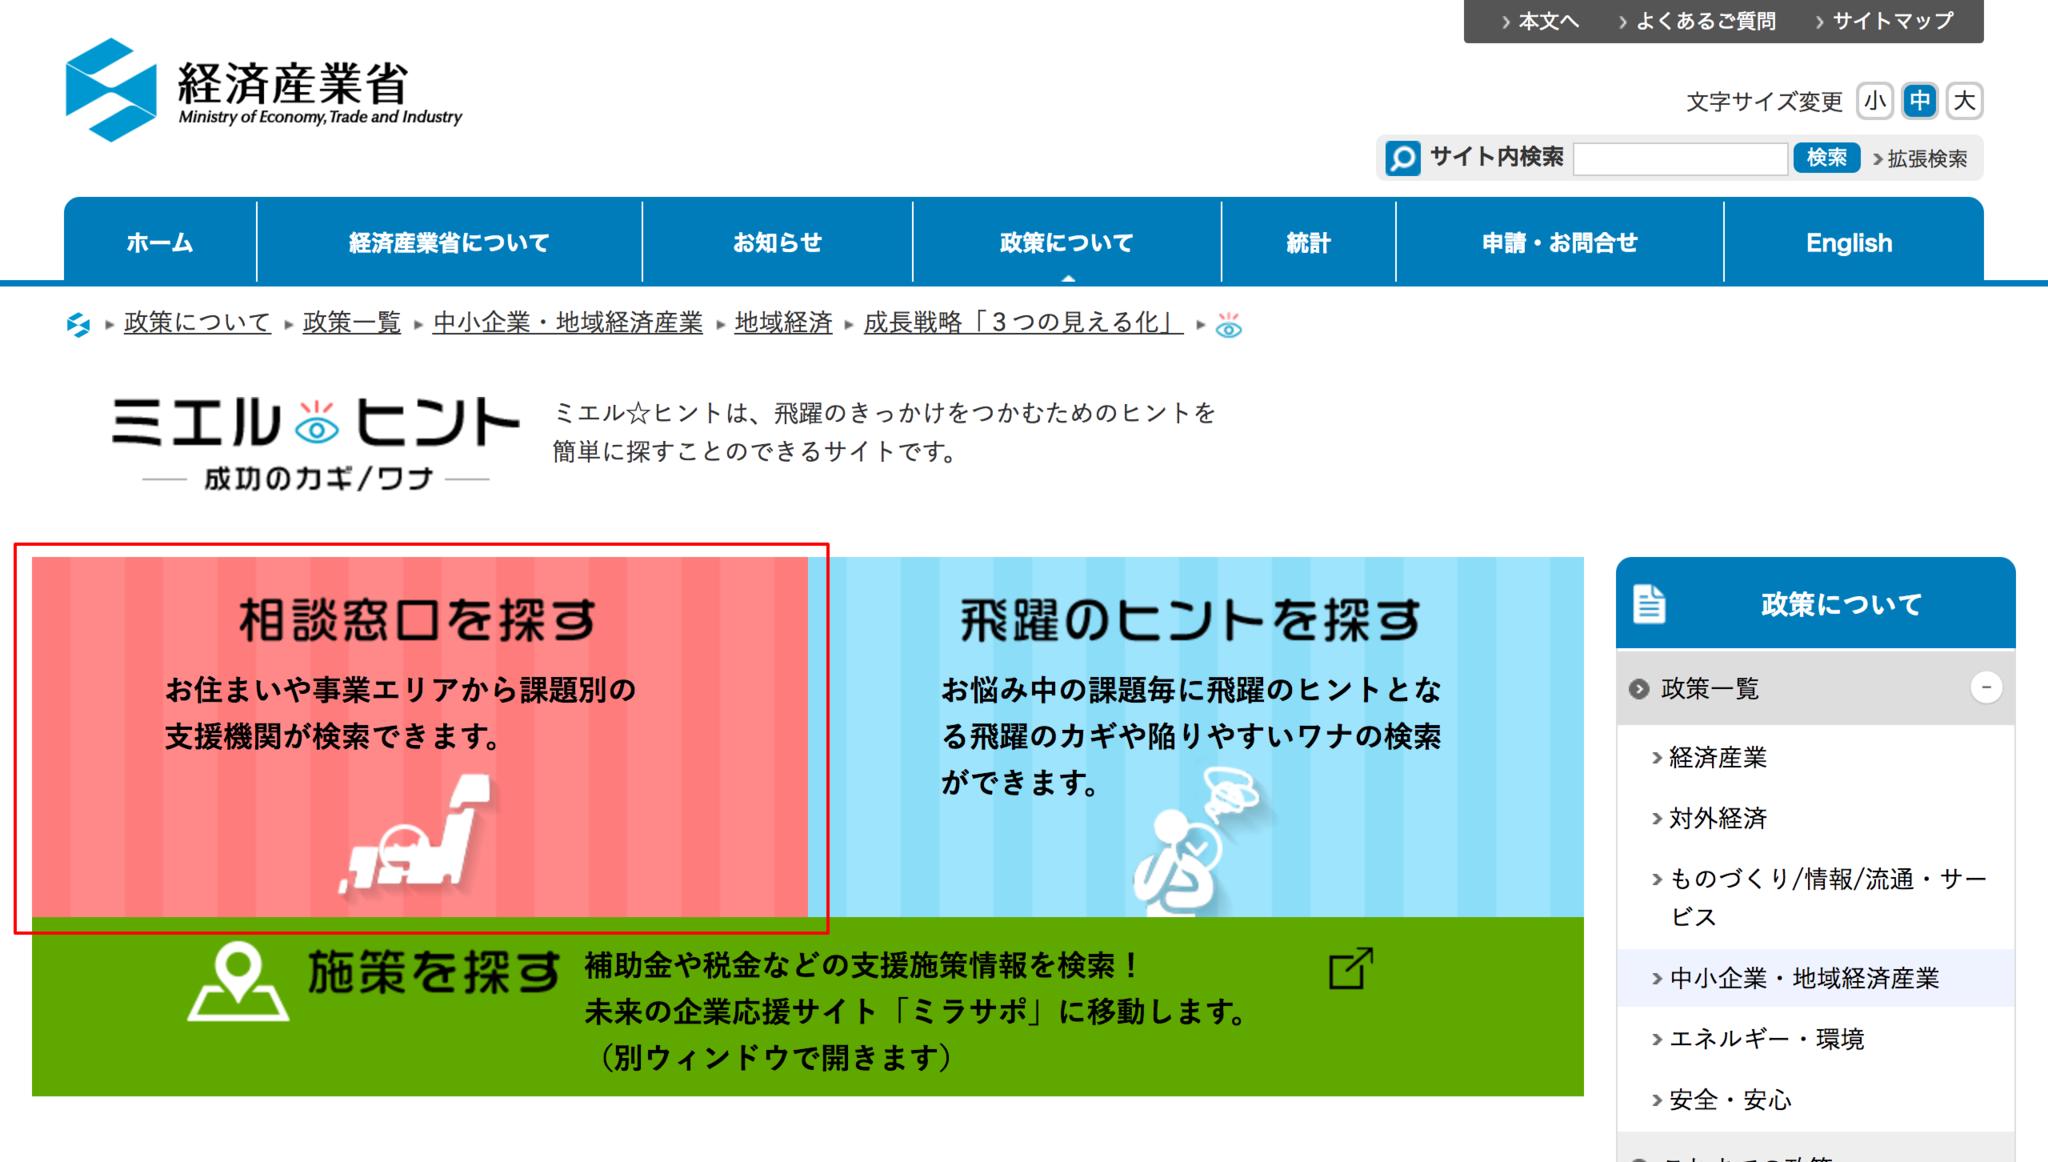 ミエル☆ヒント_飛躍したい人に飛躍のためのヒントを_(METI_経済産業省).png